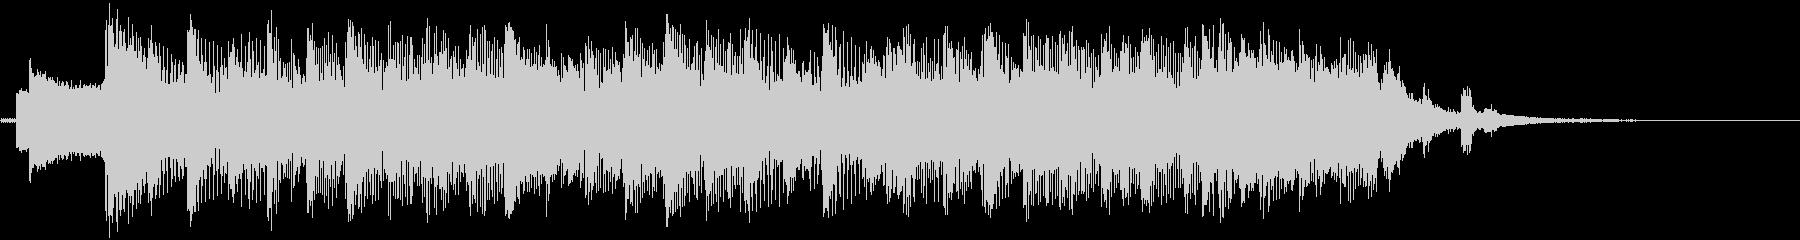 代替ロックテーマの駆動の未再生の波形